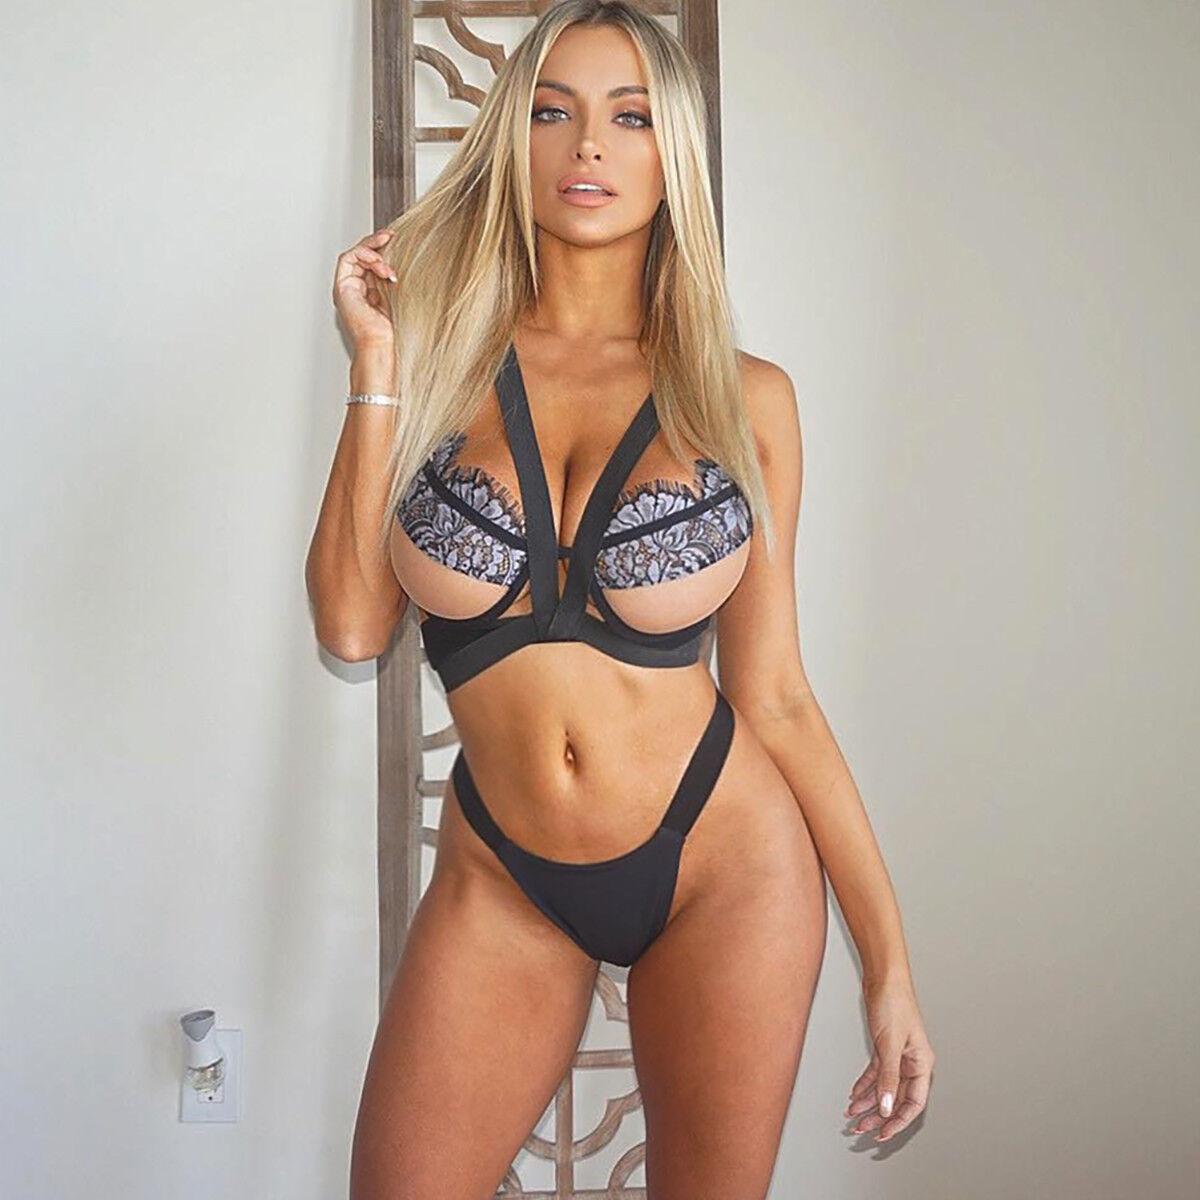 Nikki bella nude photos celebrity nude leaked